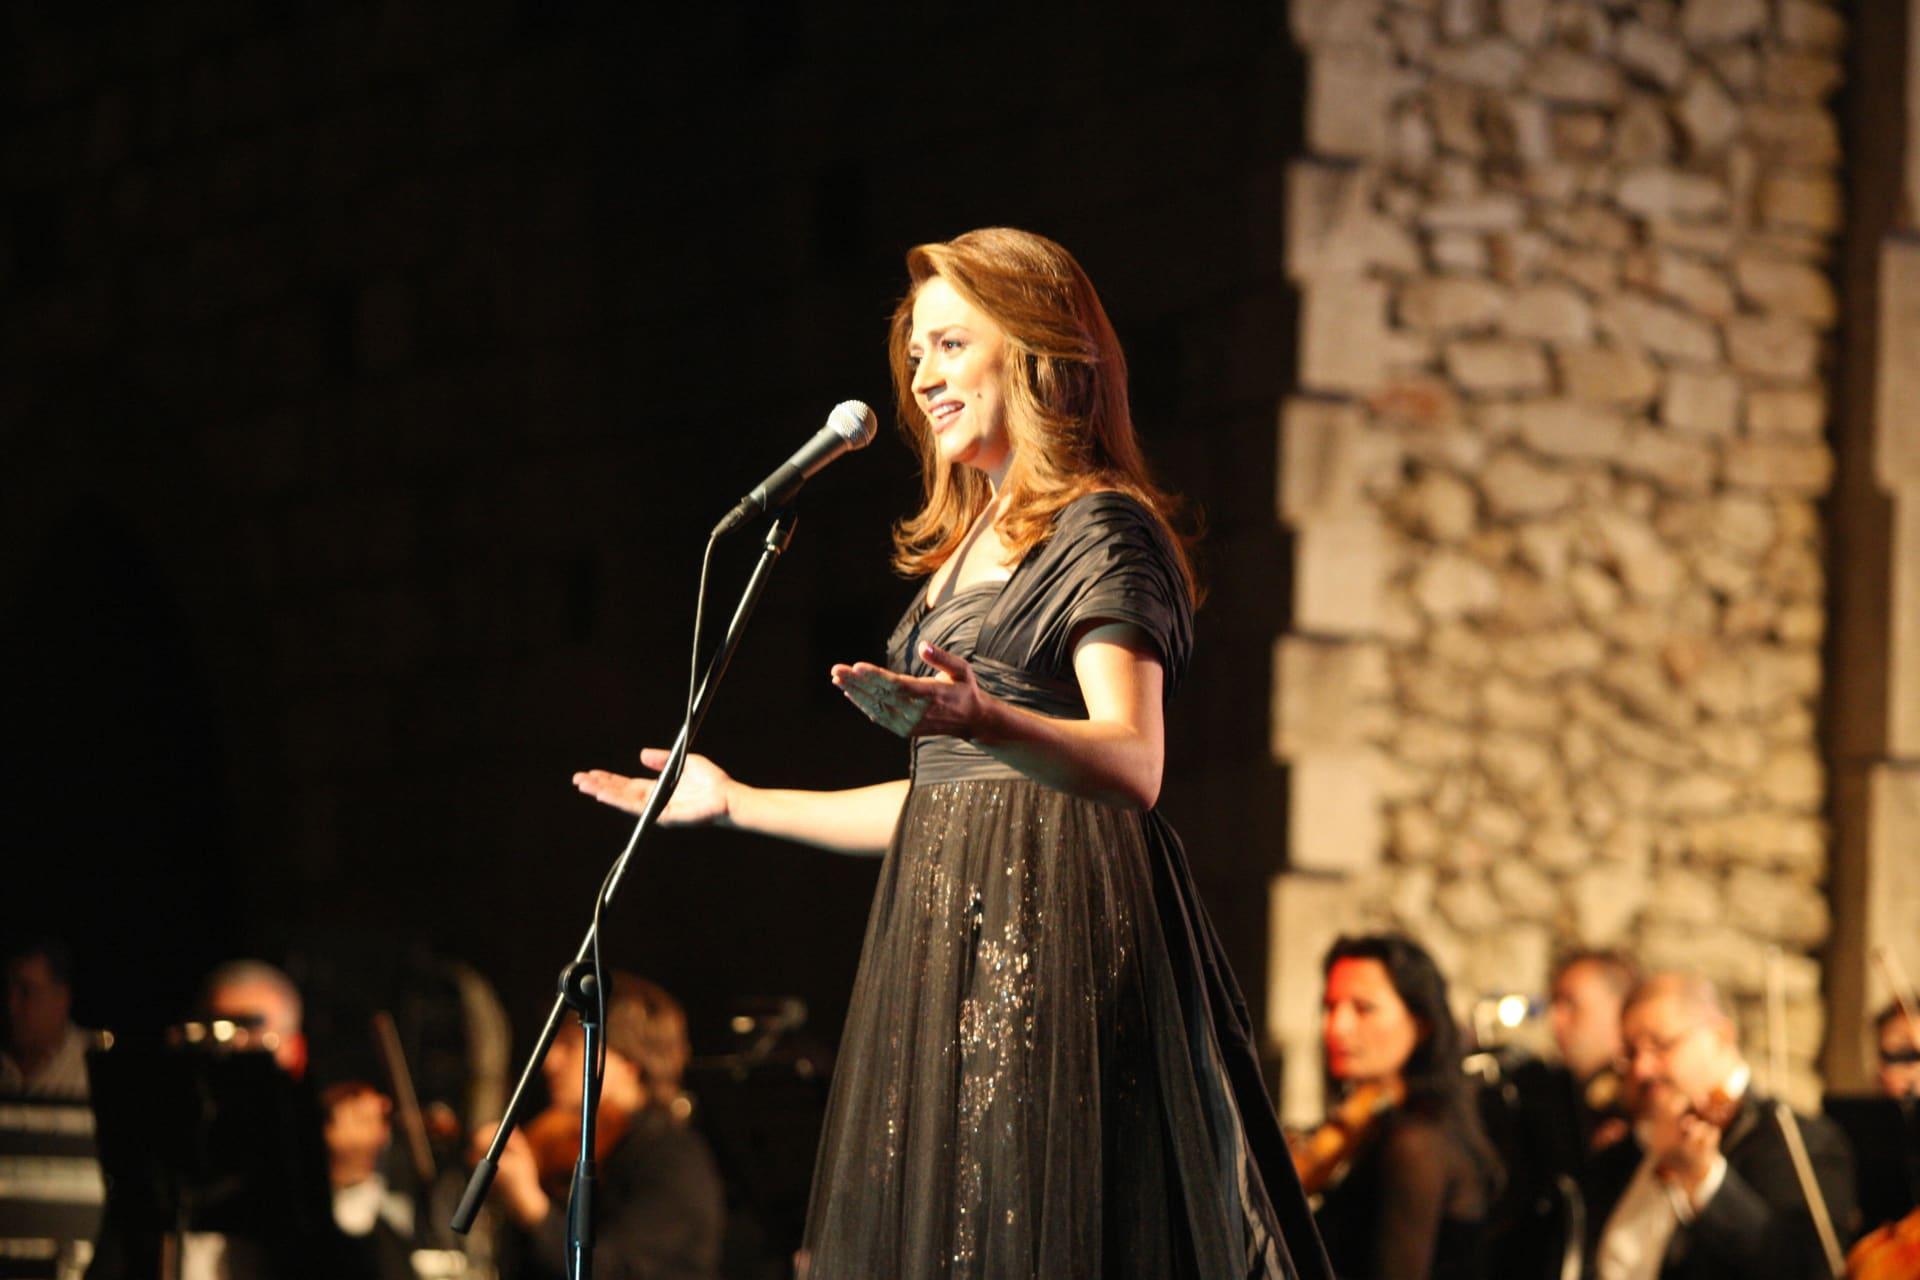 المغنية اللبنانية جوليا بطرس